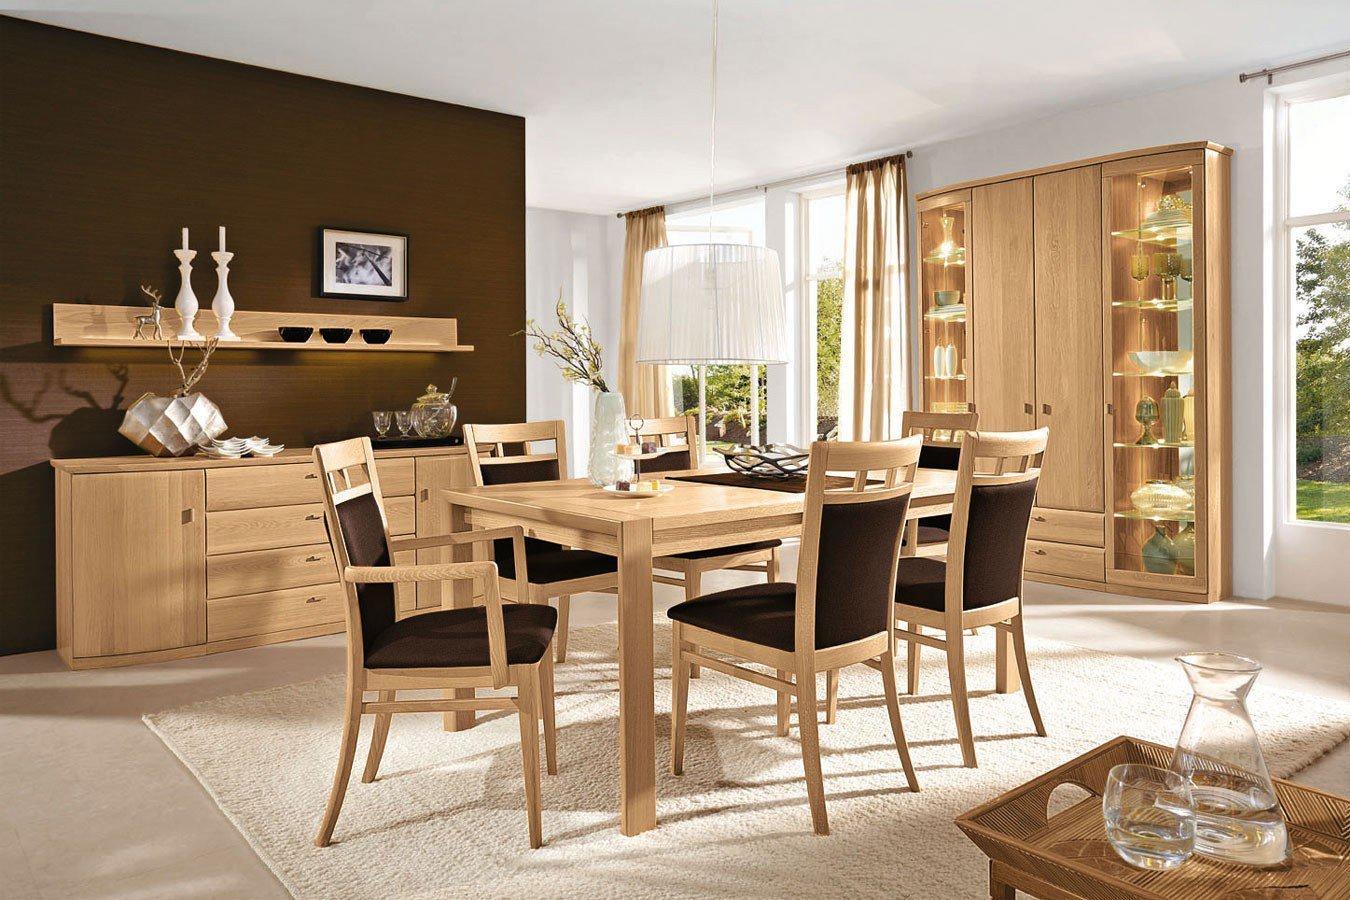 Möbel Für Esszimmer : Rietberger esszimmer lando eiche sand möbel letz ihr online shop